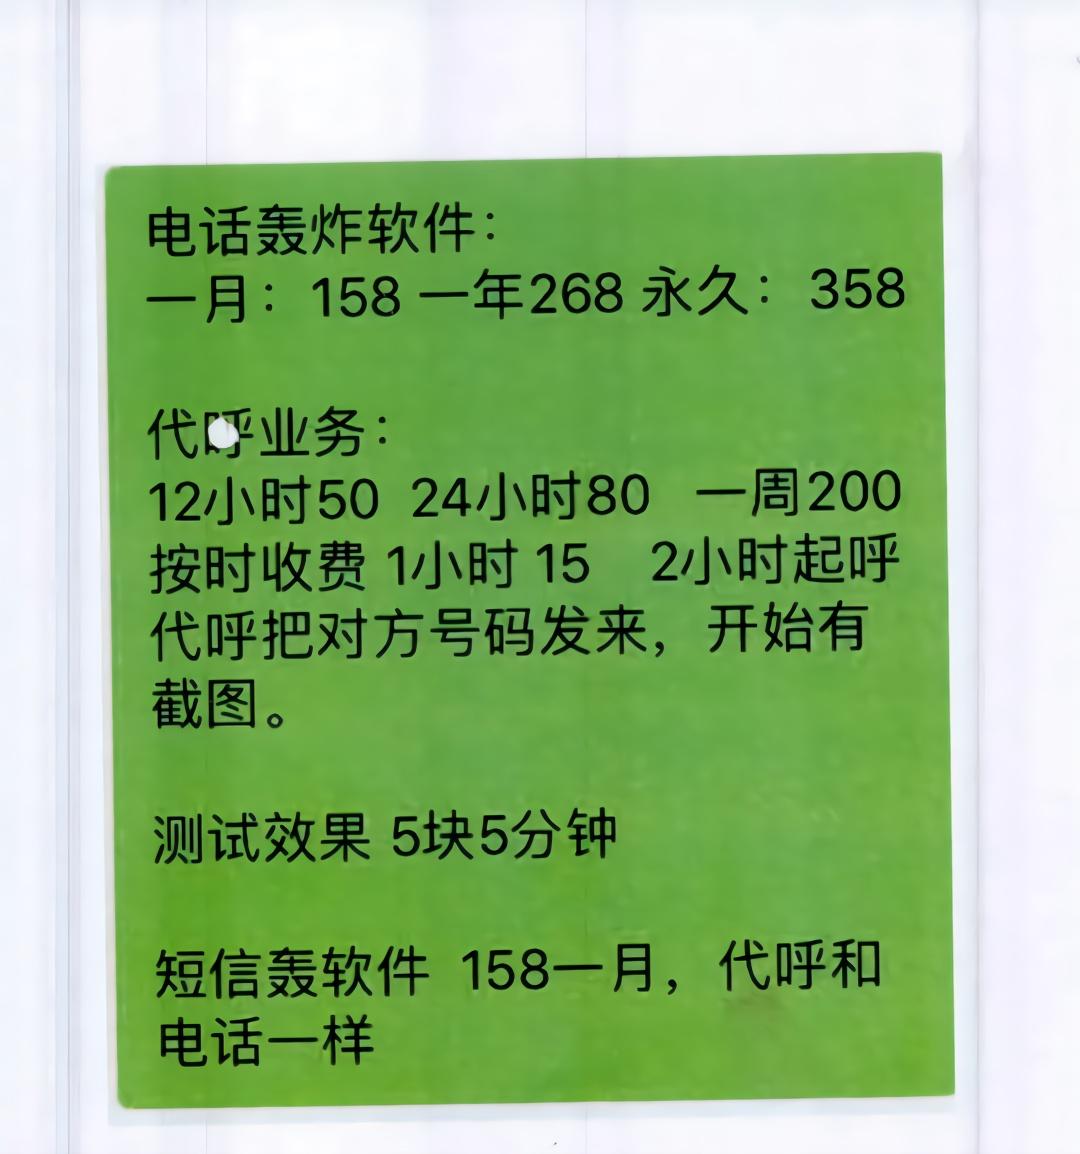 """江苏警方侦破非法销售""""呼死你""""手机软件案:超强骚扰"""